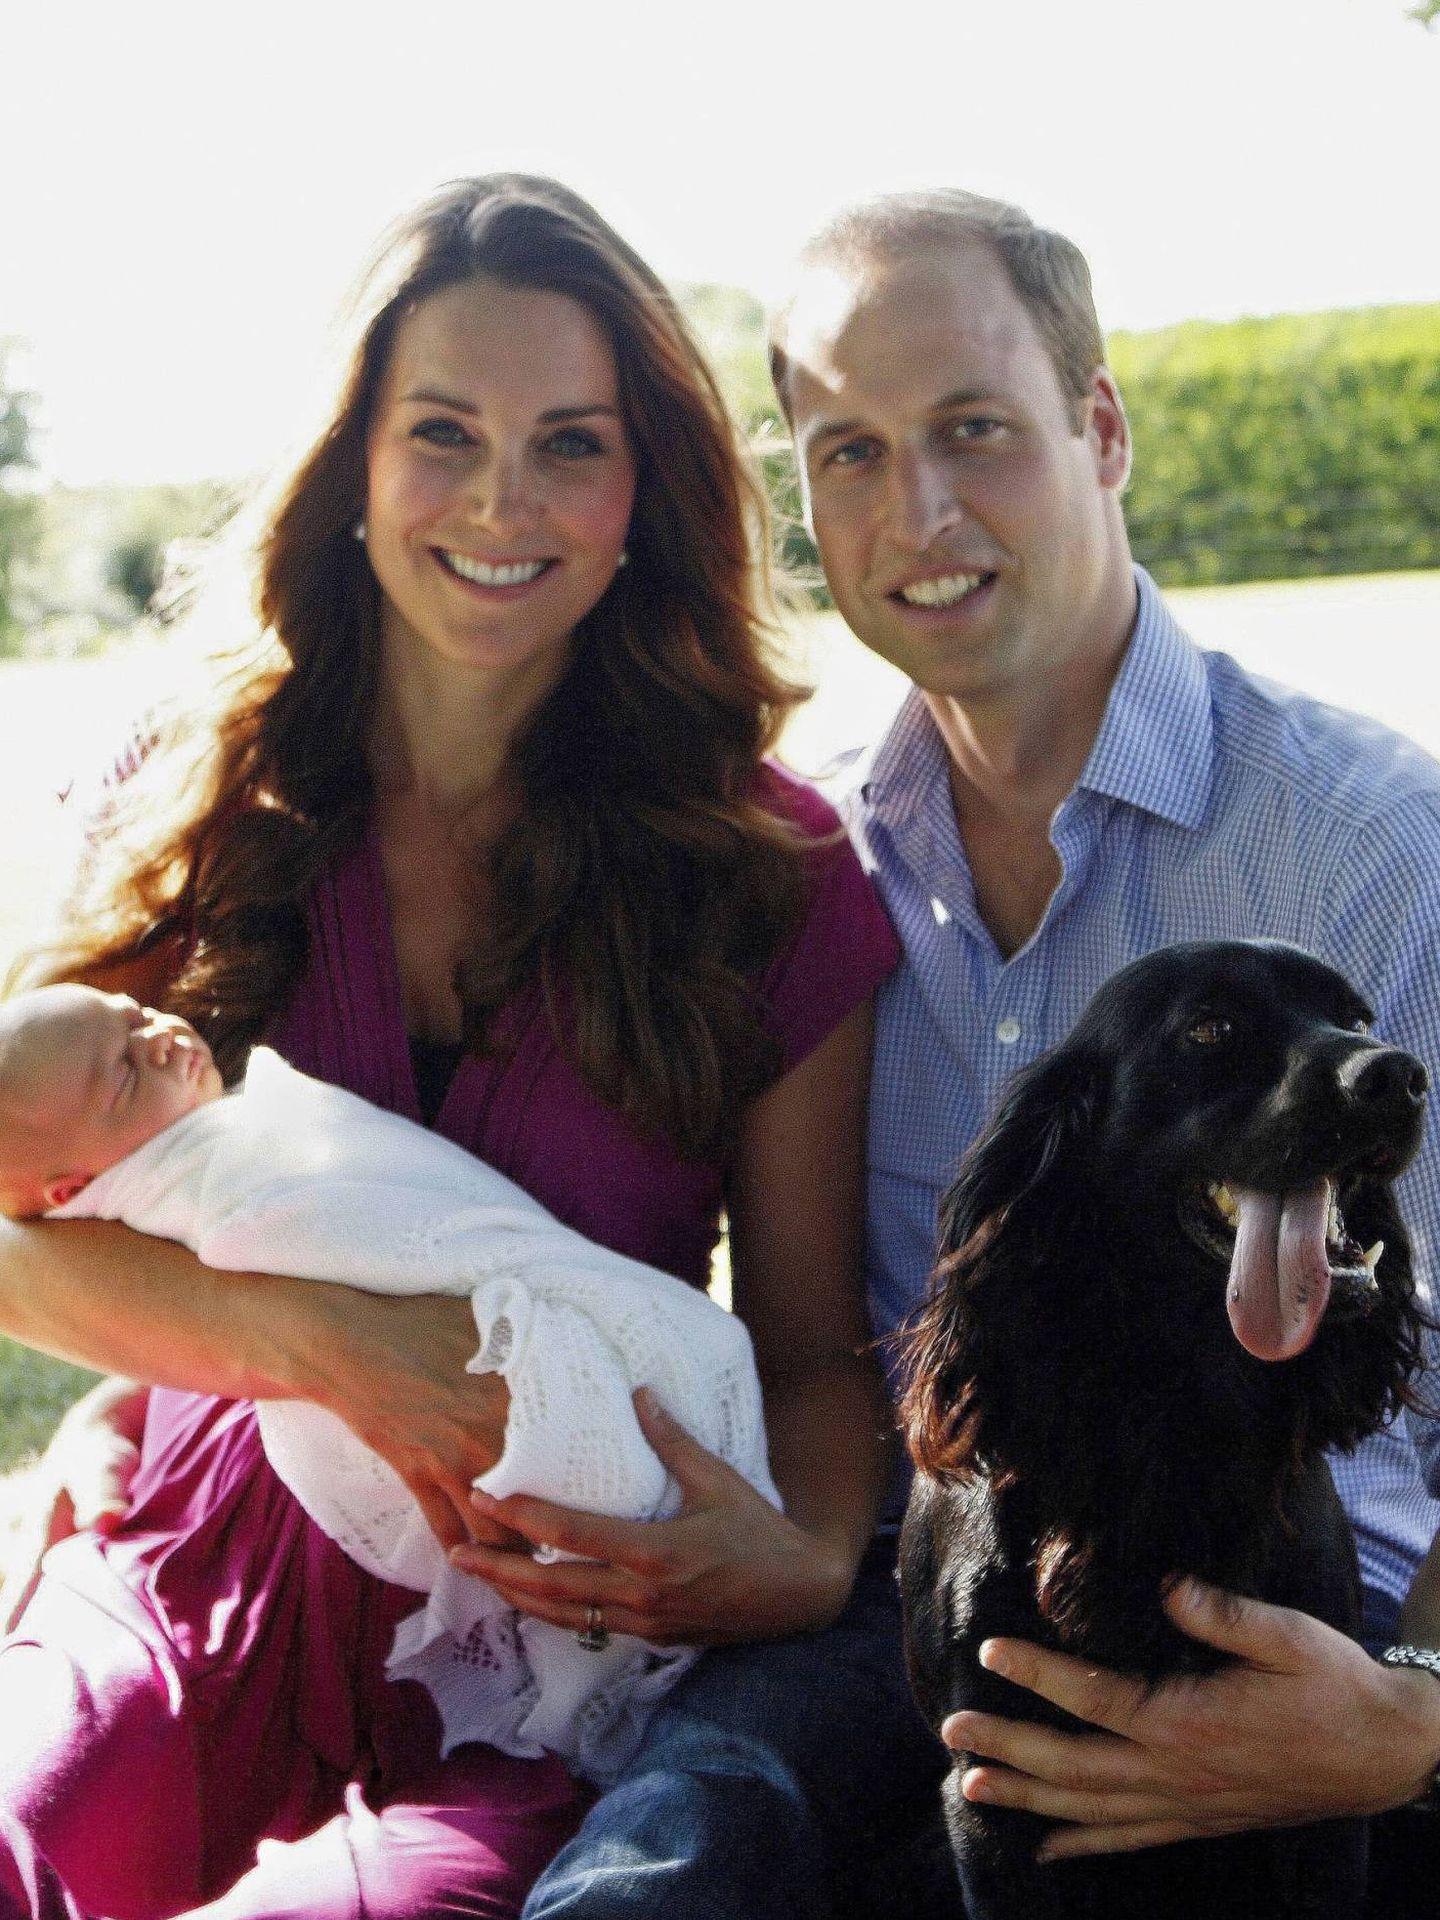 Guillermo y Kate, con el príncipe George en brazos y junto a su perro Lupo. (Michael Middleton, Palacio de Kensington)